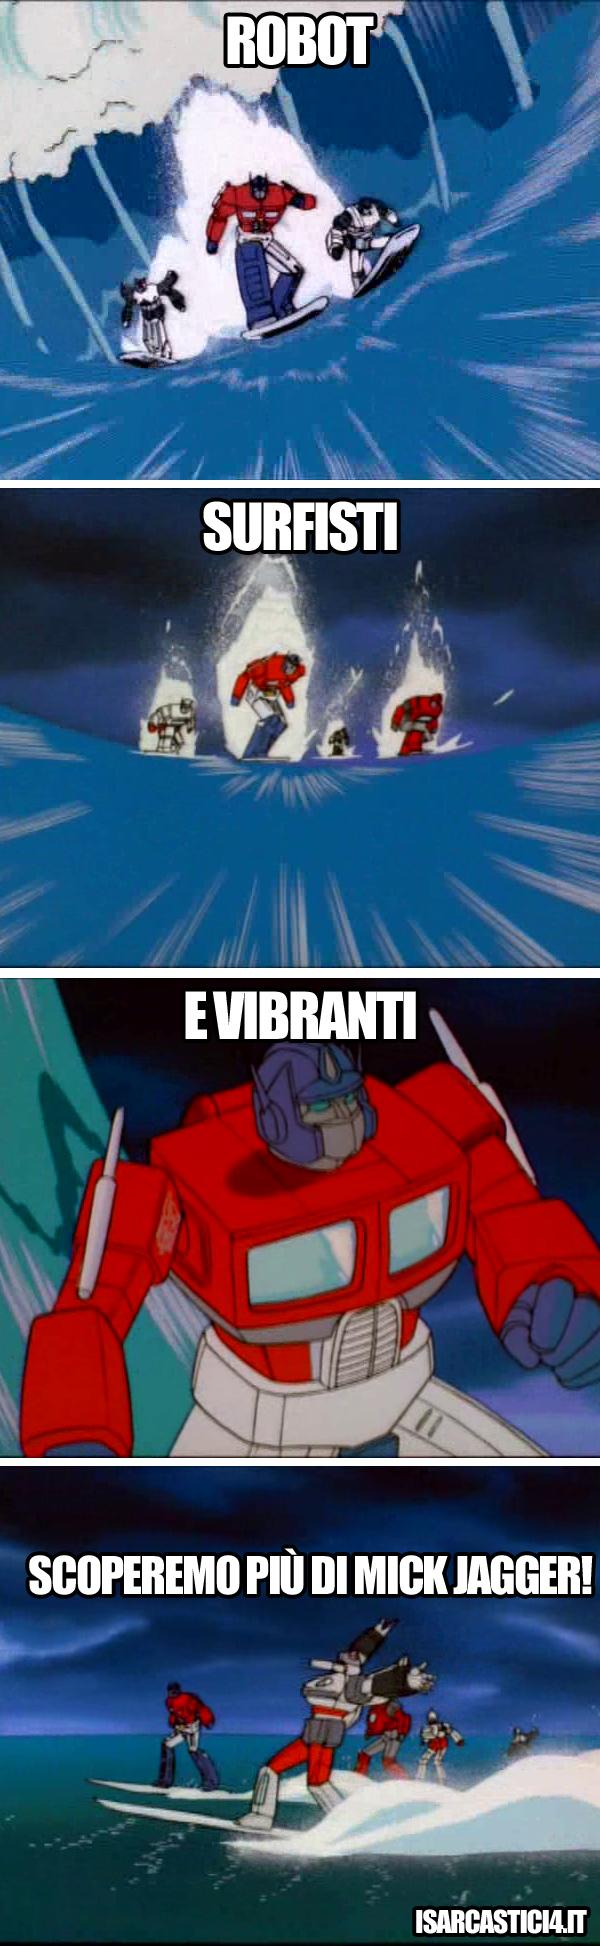 Transfomers meme ita - Razza superiore